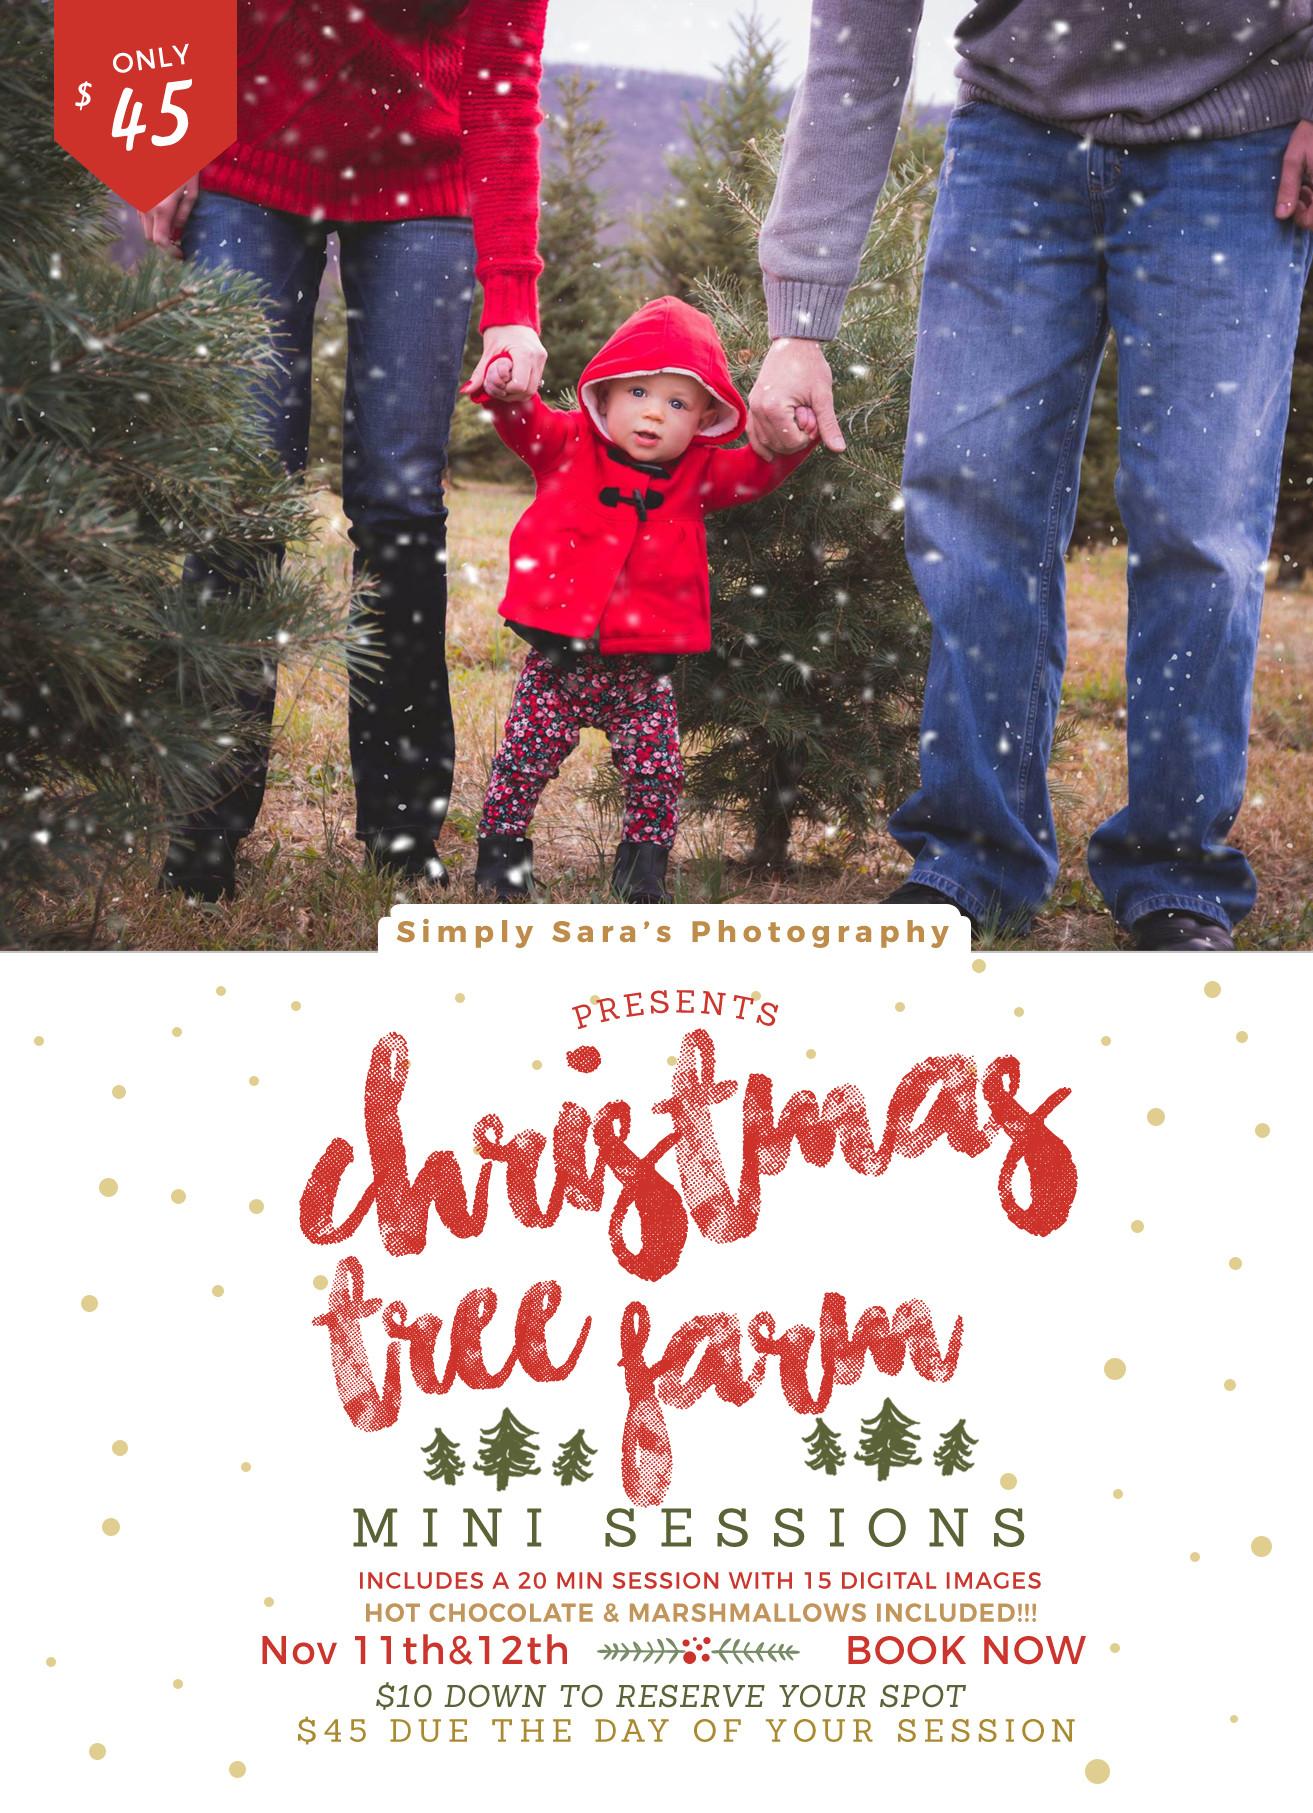 Christmas Tree Farm Mini Sessions 11/21